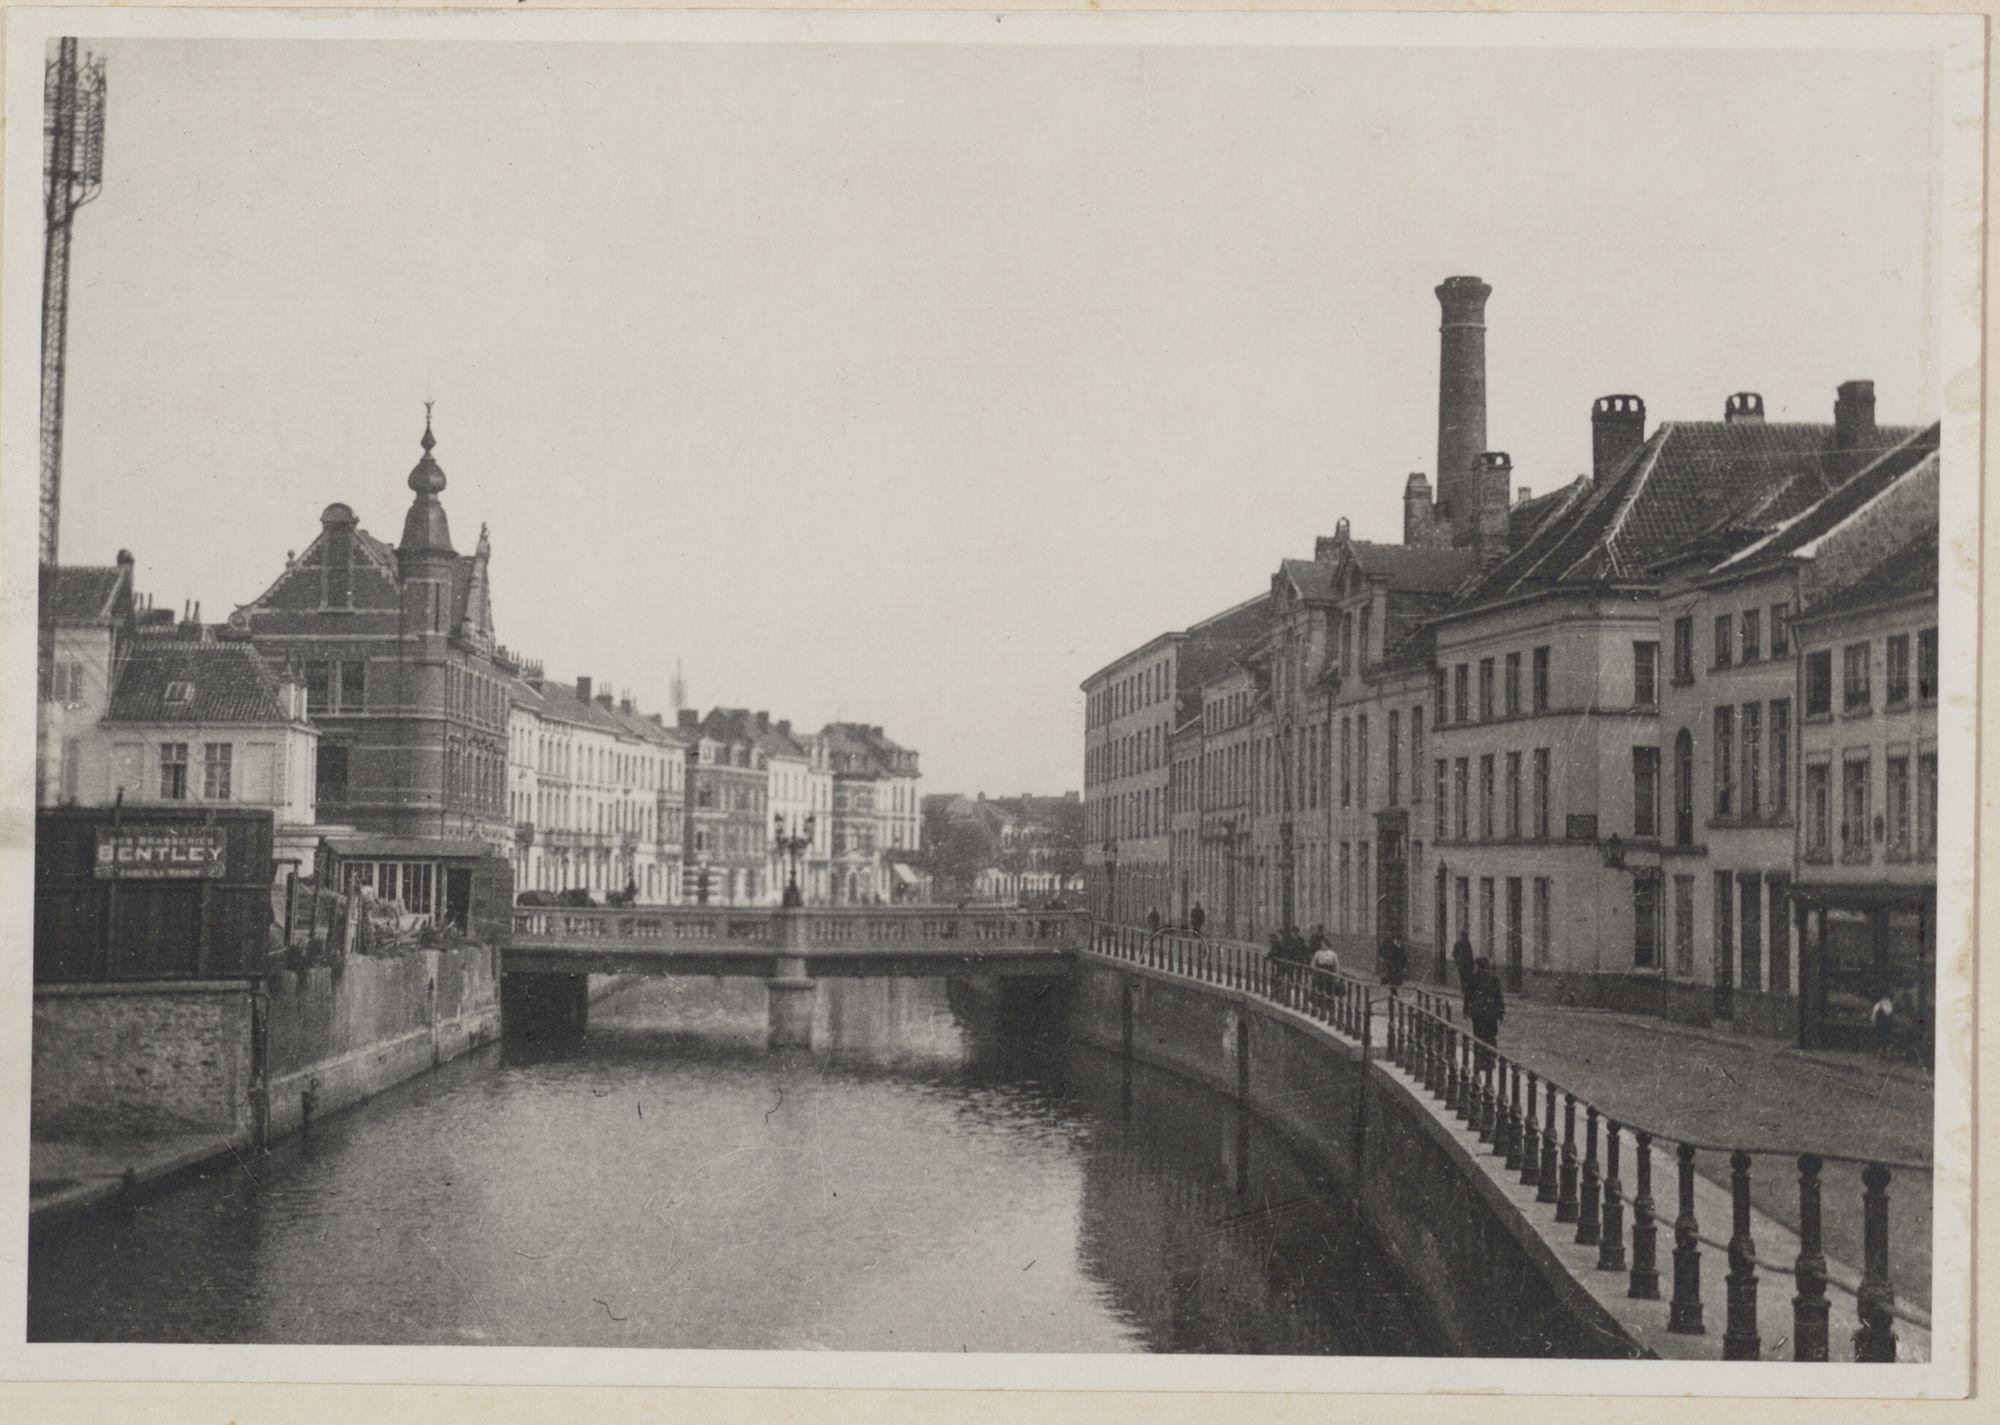 Gent: Reep en Wijdenaardbrug